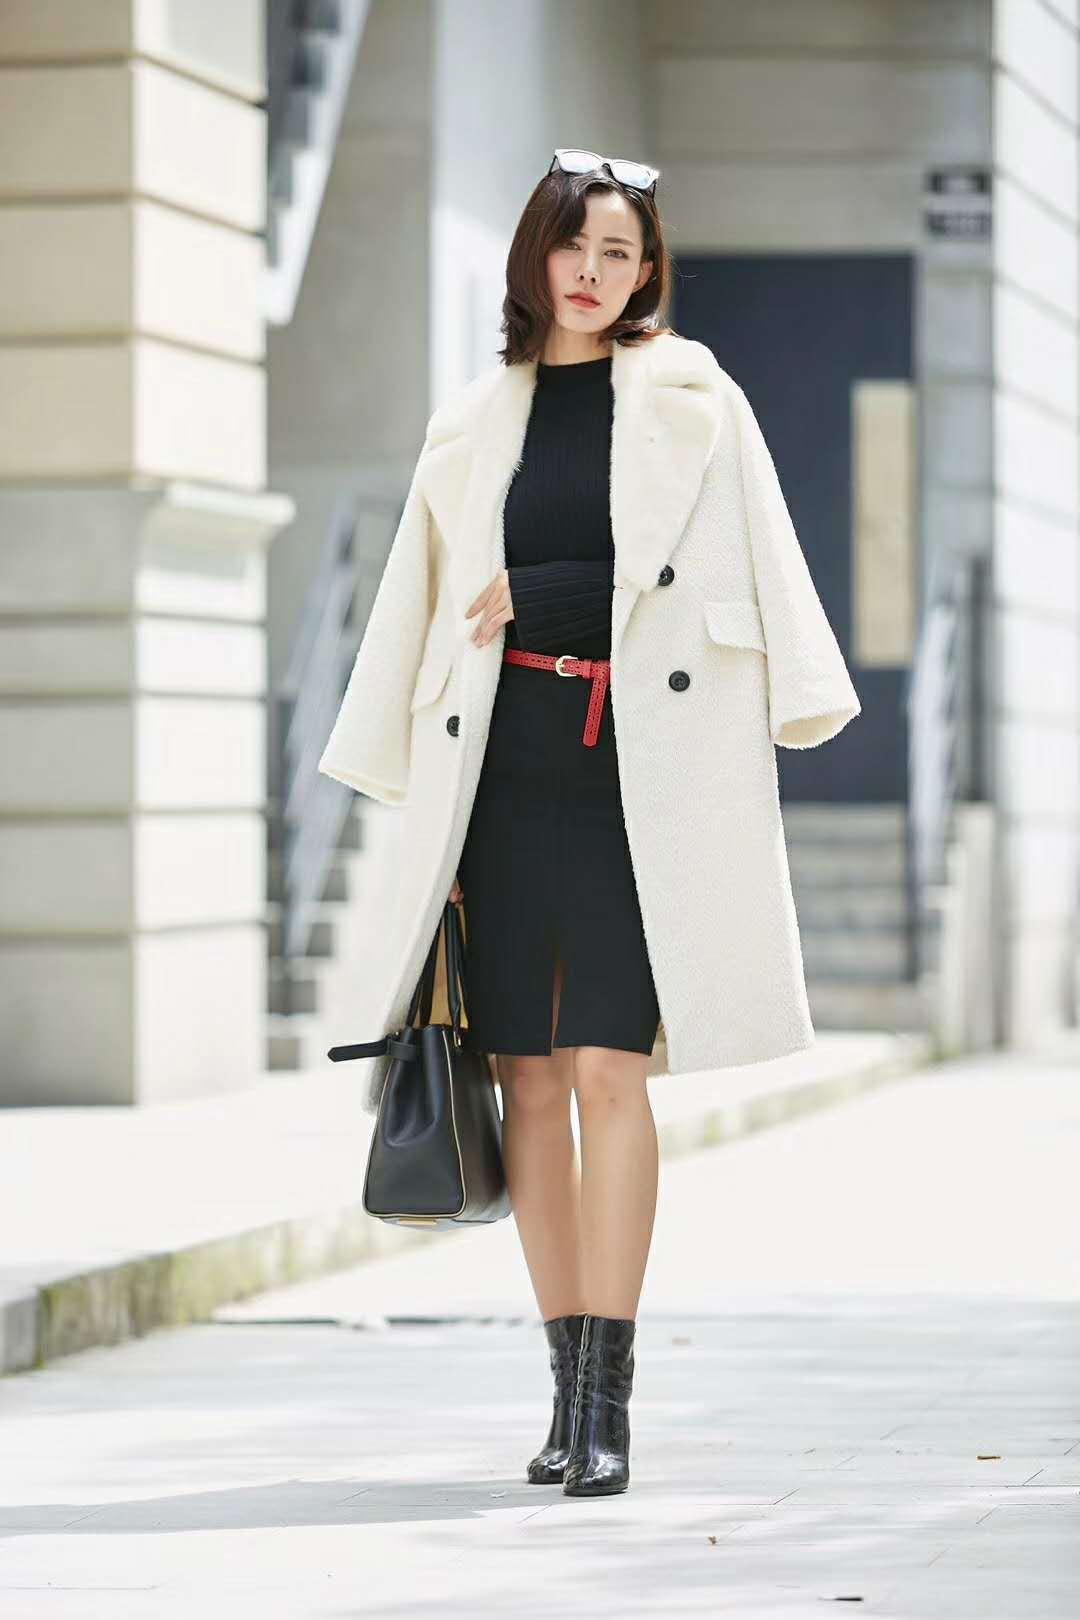 Áo thun kết hợp chân váy đen kèm thắt lưng đỏ